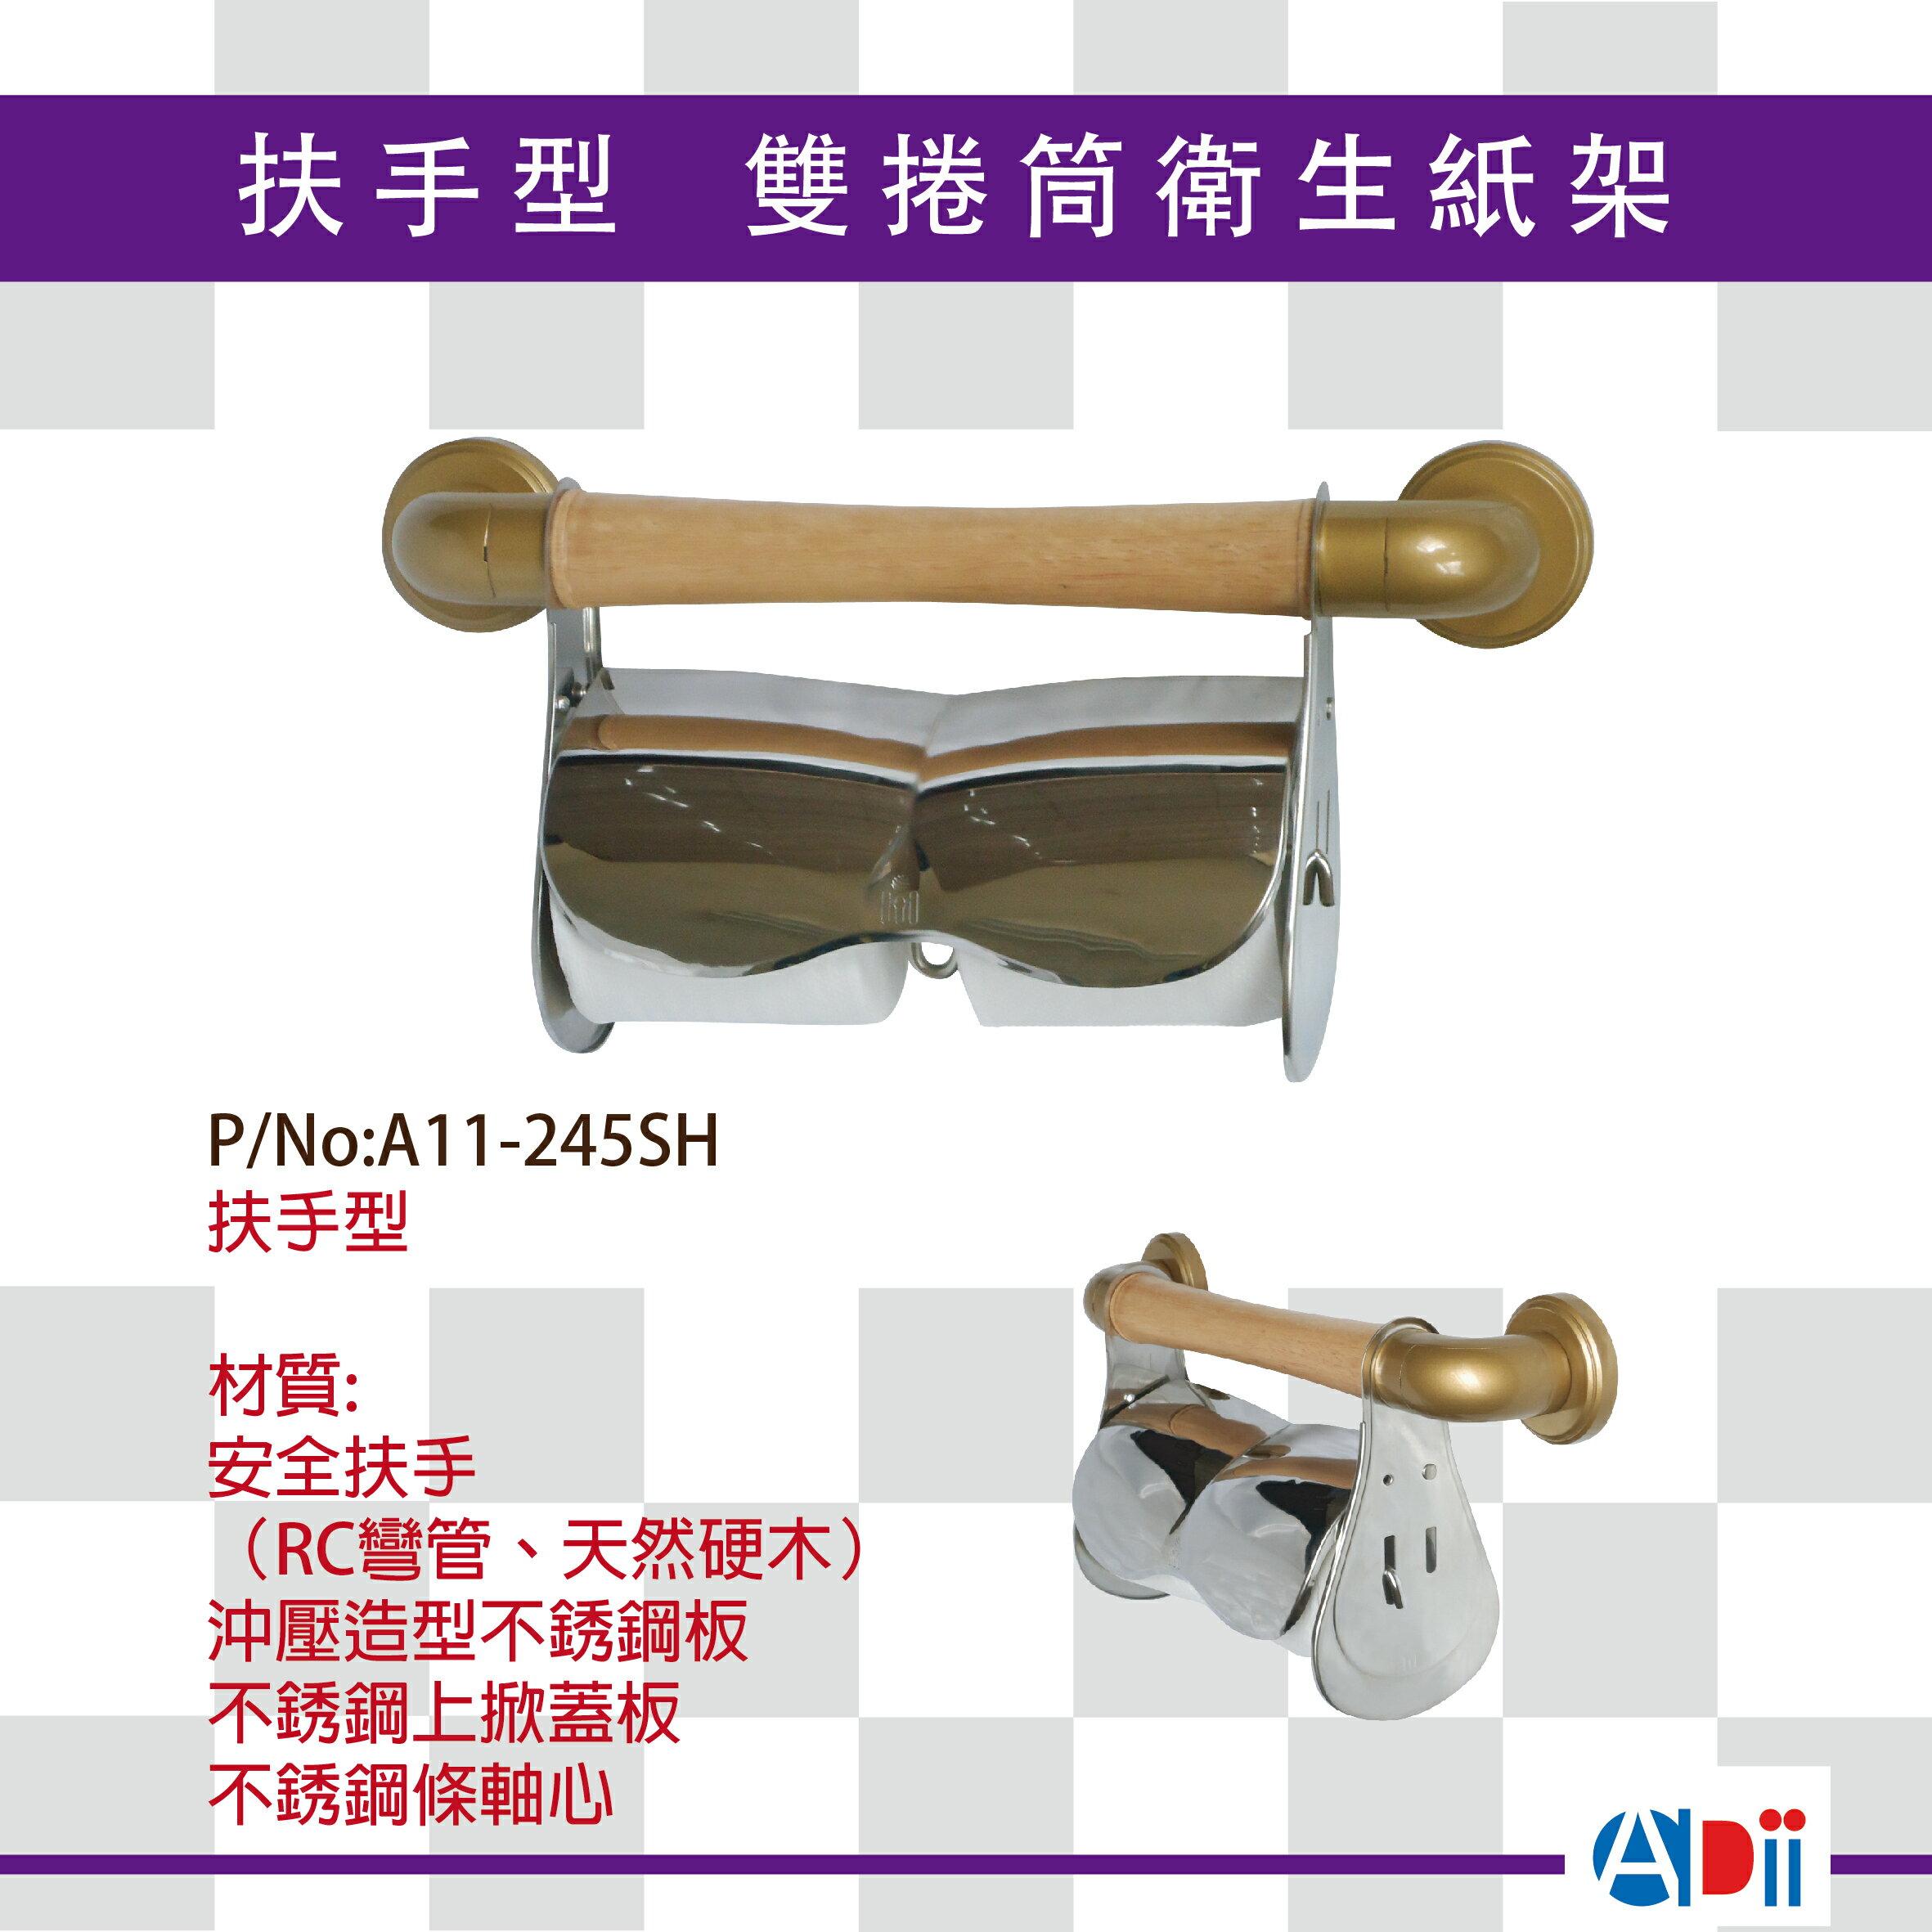 【美天樂】安全扶手型 不銹鋼固定架 衛浴附蓋板雙捲筒衛生紙架